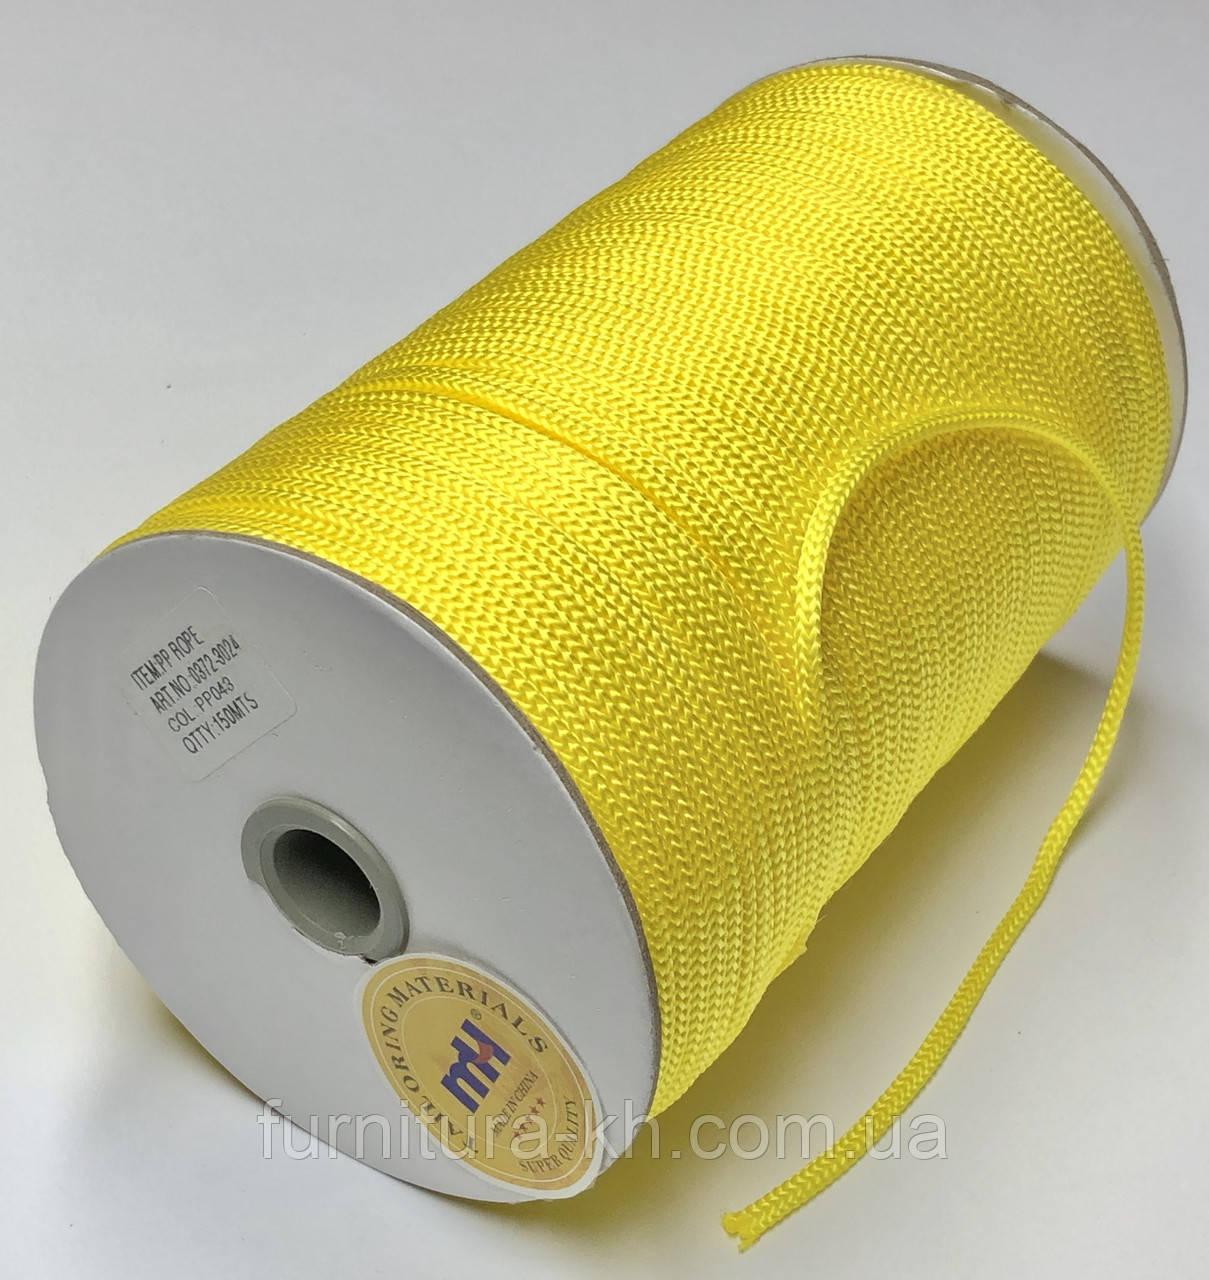 Шнур Круглый(одежный)Цвет Желтый.Диаметр 4 мм Длина 150 метров